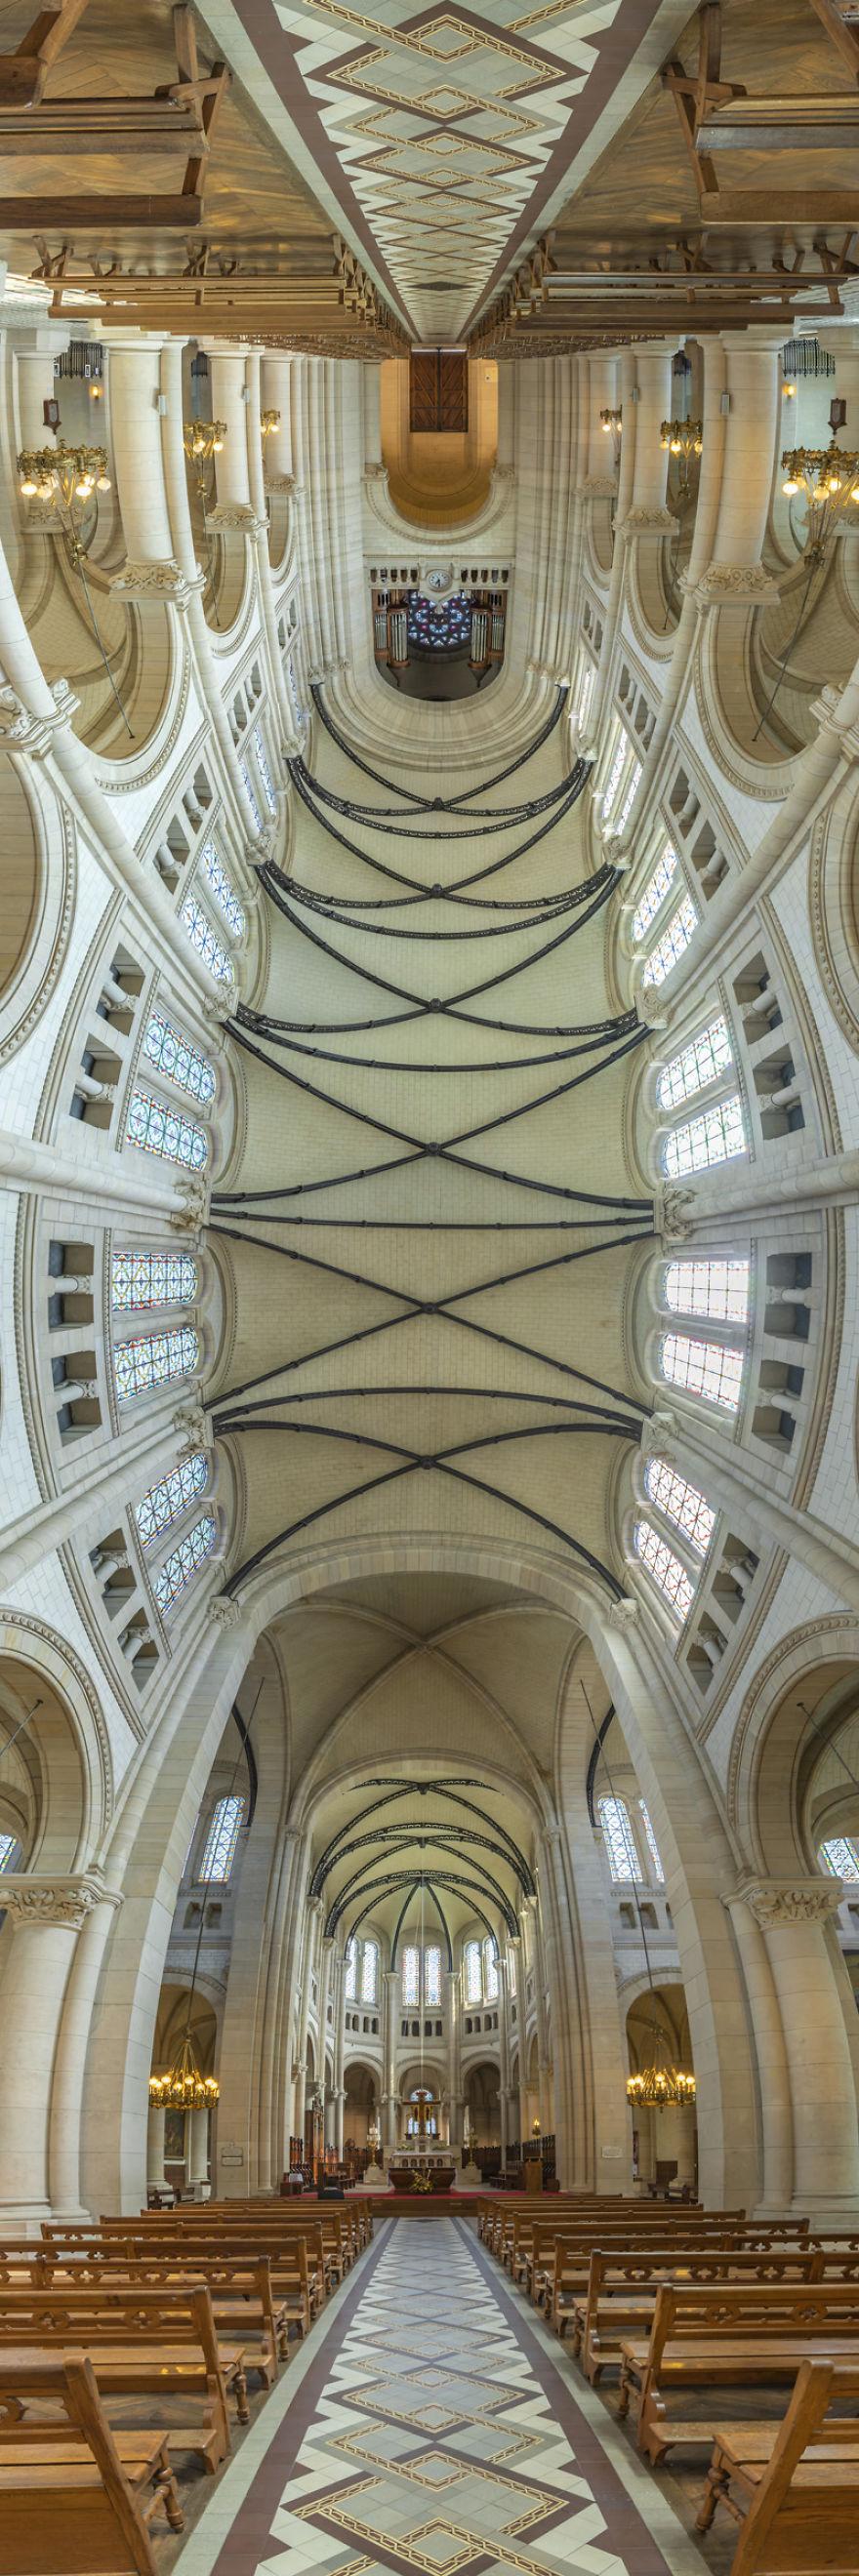 Eglise-Notre-Dame-de-La-Croix-Paris-France-5afb3832b5259__880